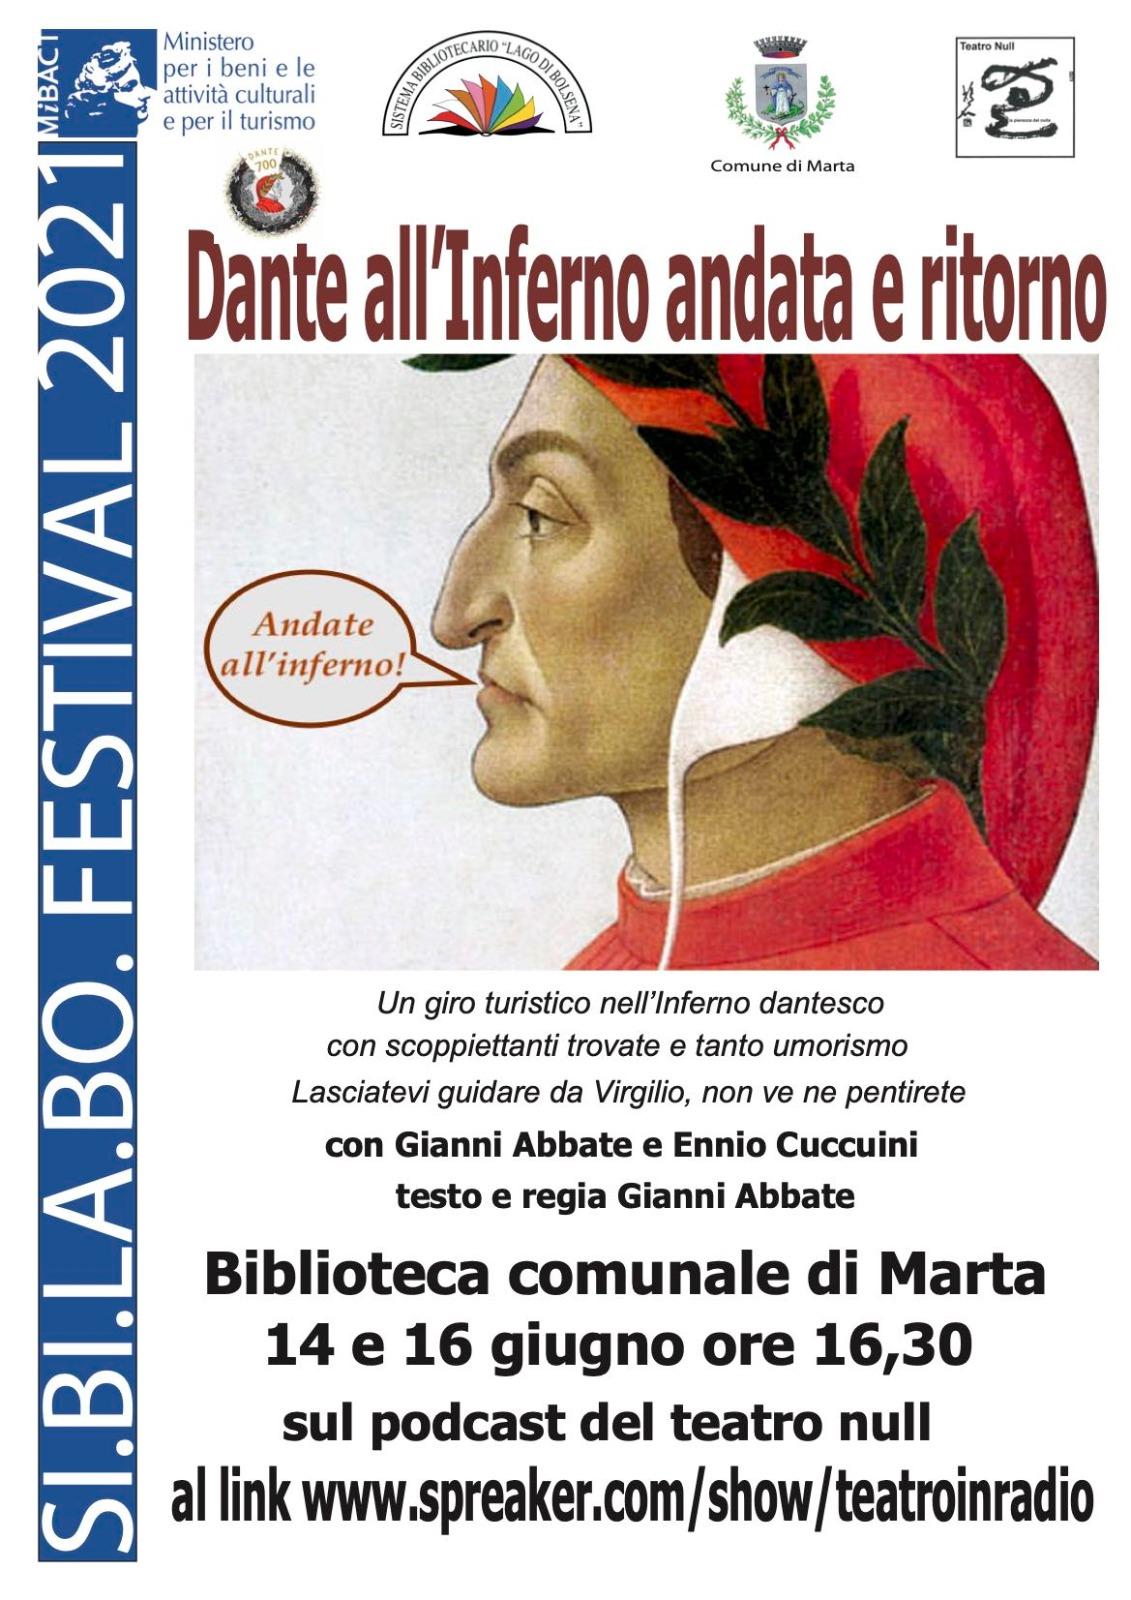 Dante all'Inferno andata e ritorno : un podcast di Gianni Abbate per i 700 anni dalla morte del Poeta